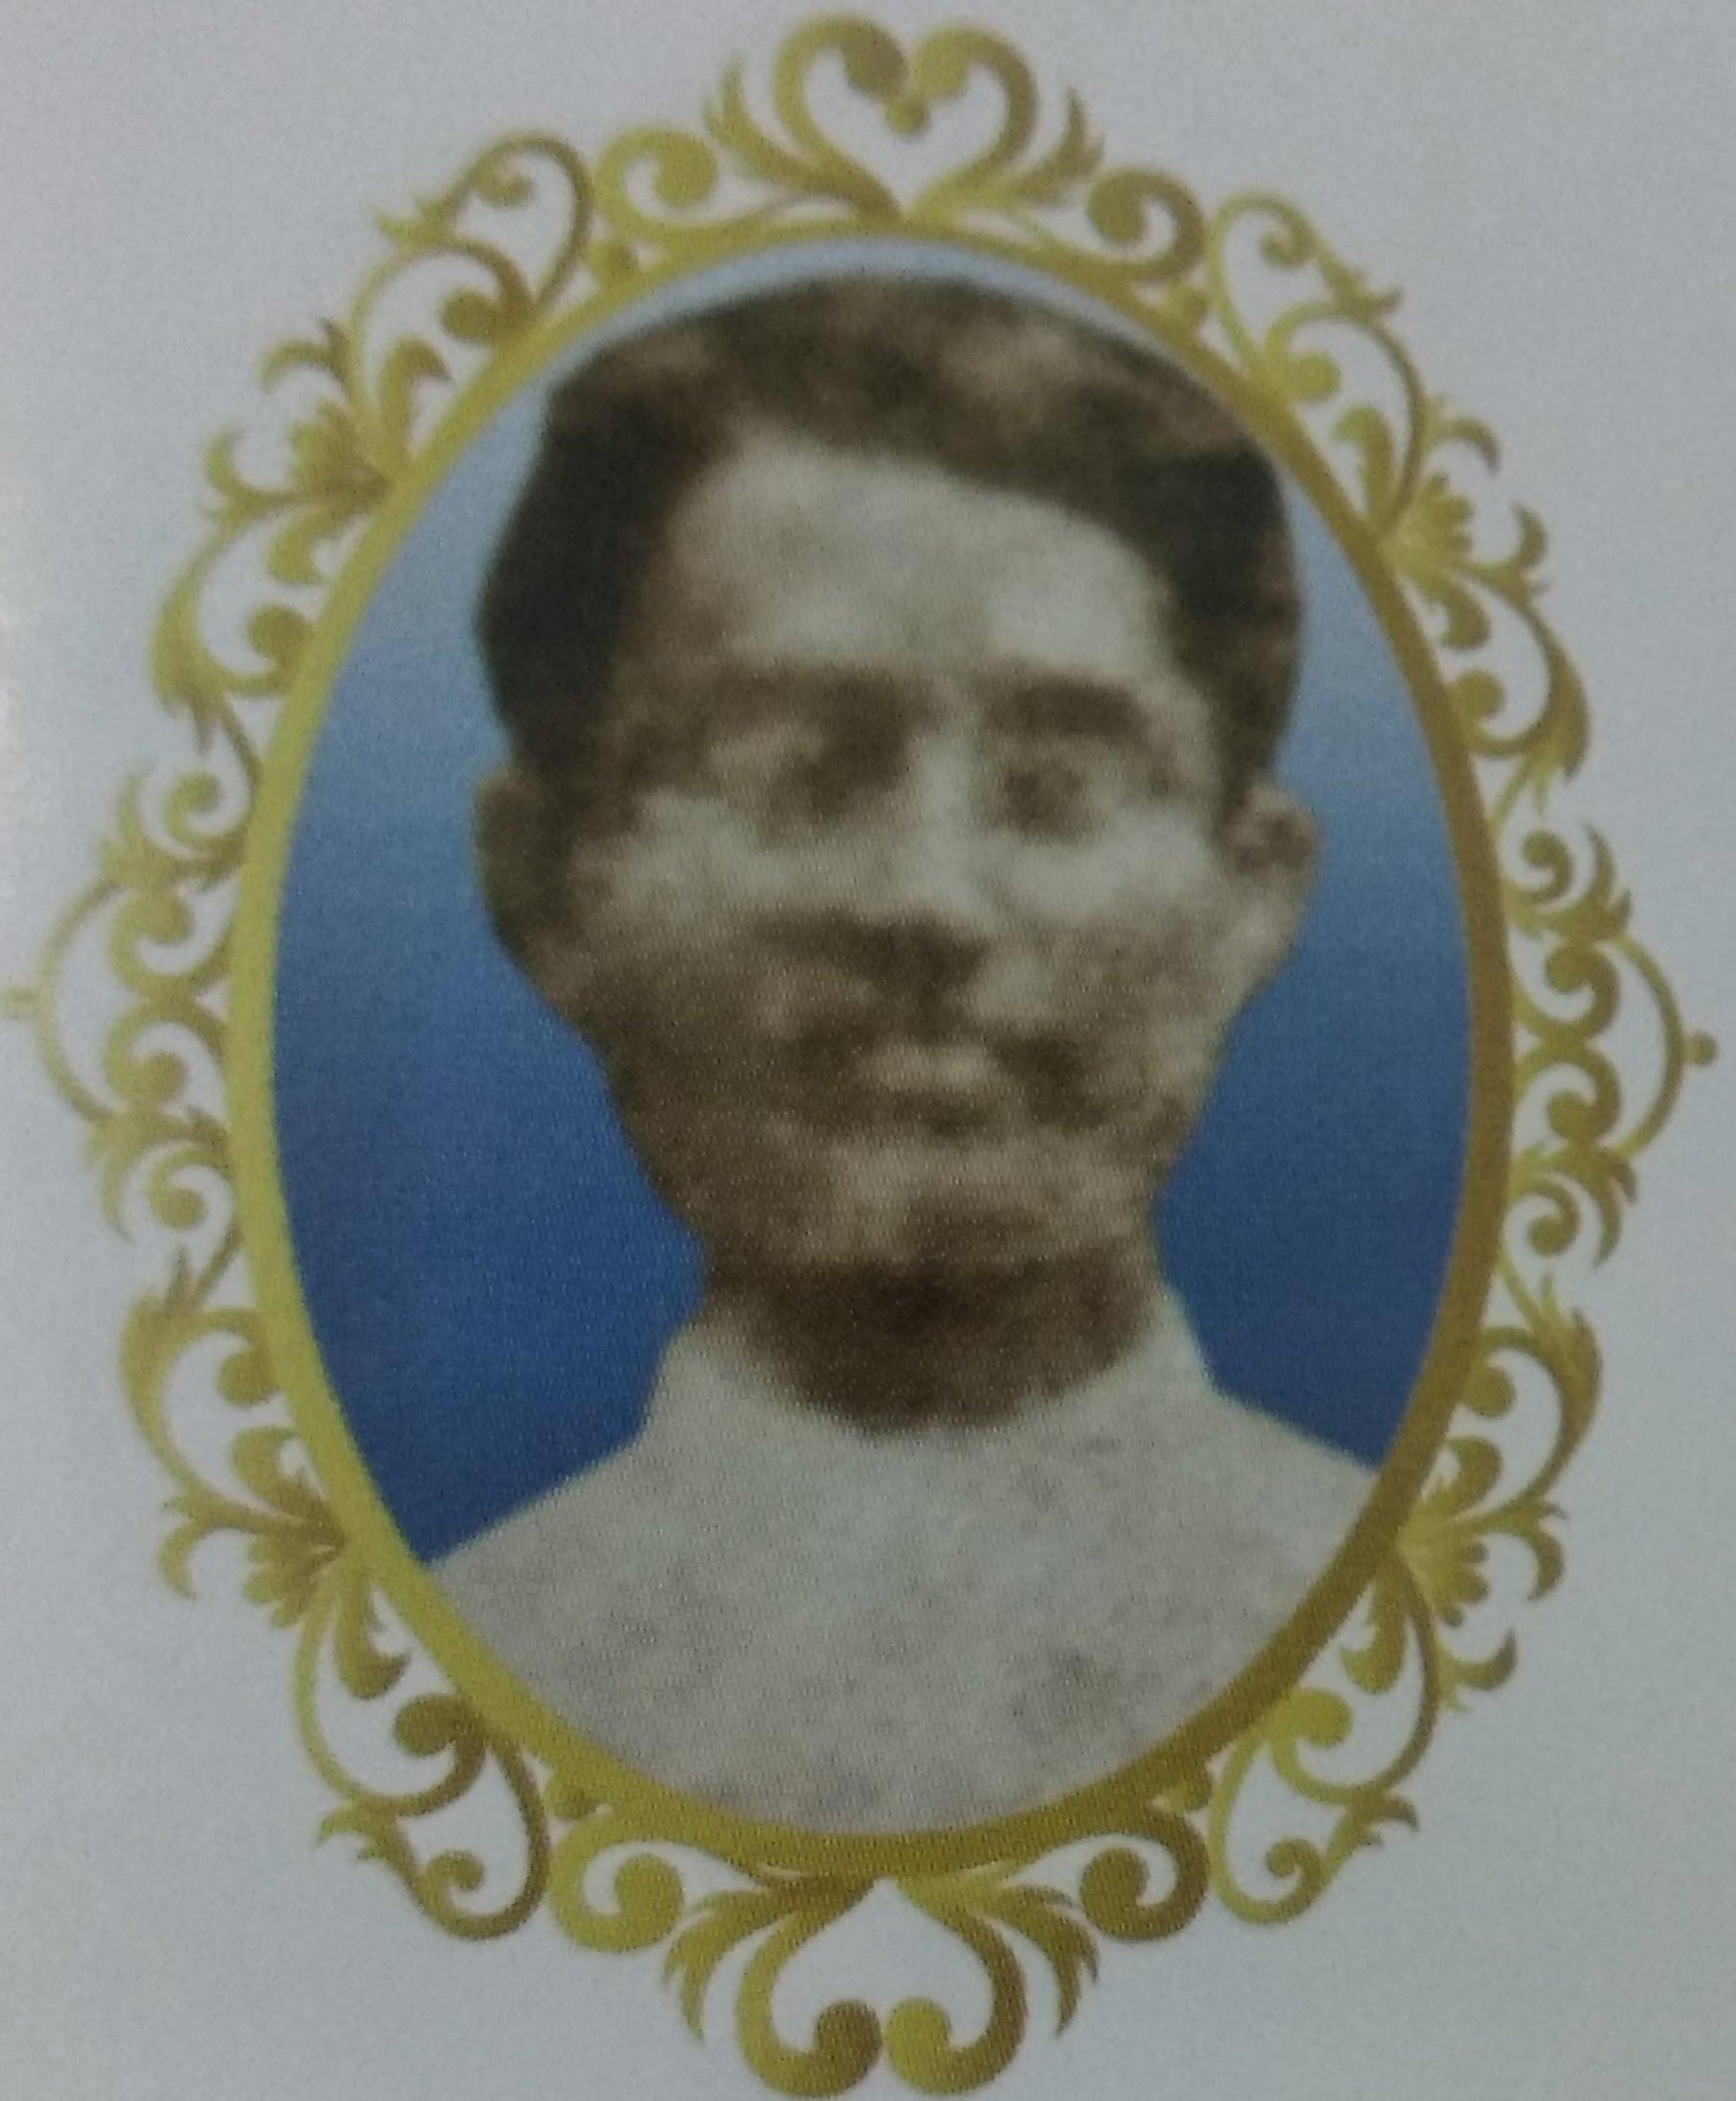 Fr. Antony Muthedath